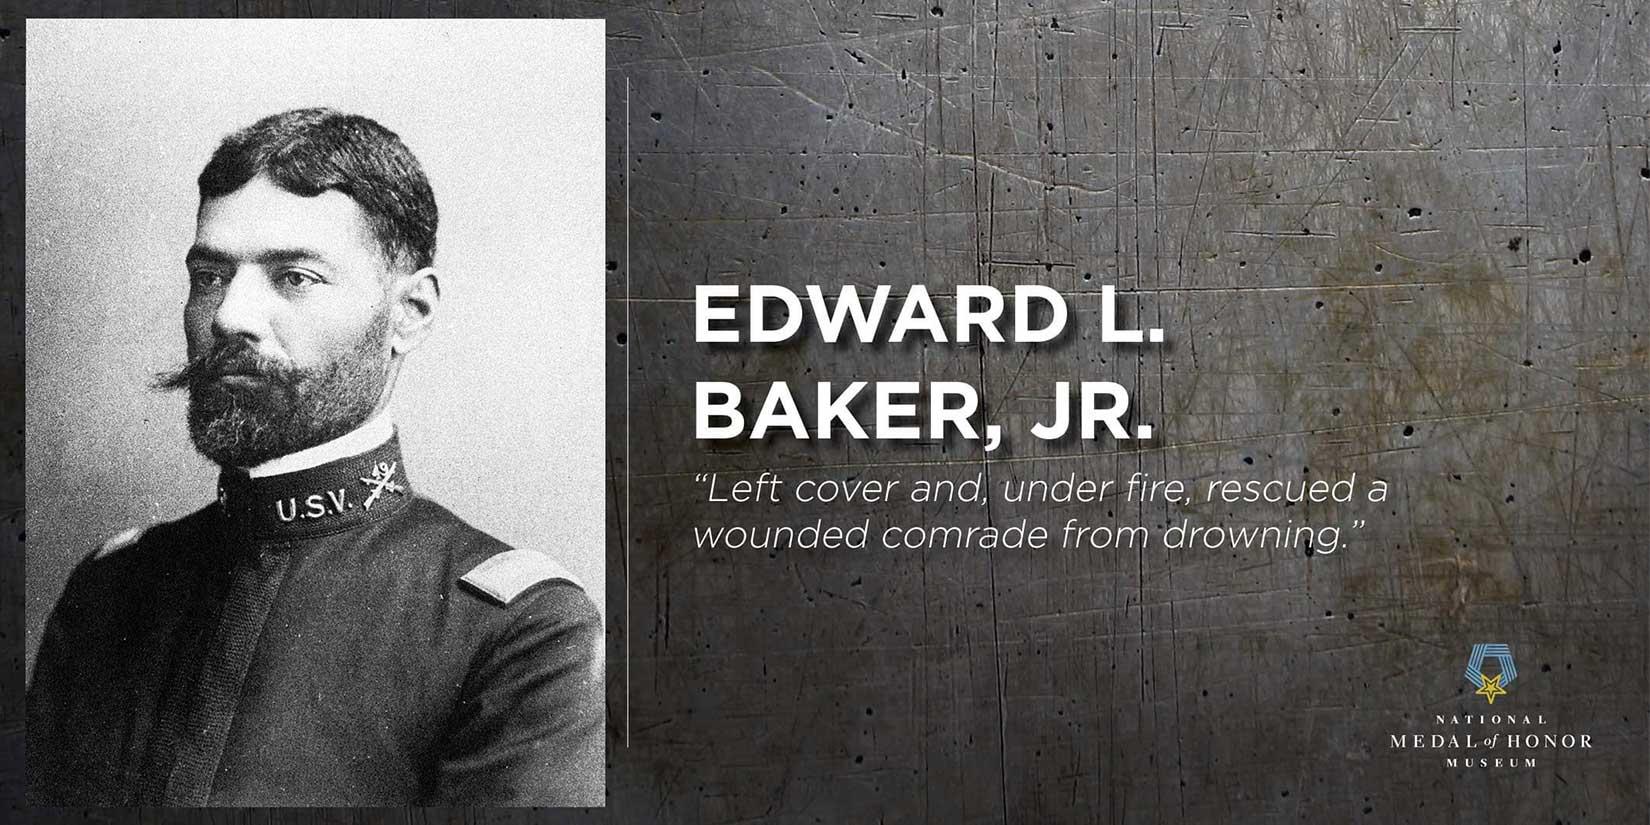 Edward-Baker-Medal-of-Honor-Cuba